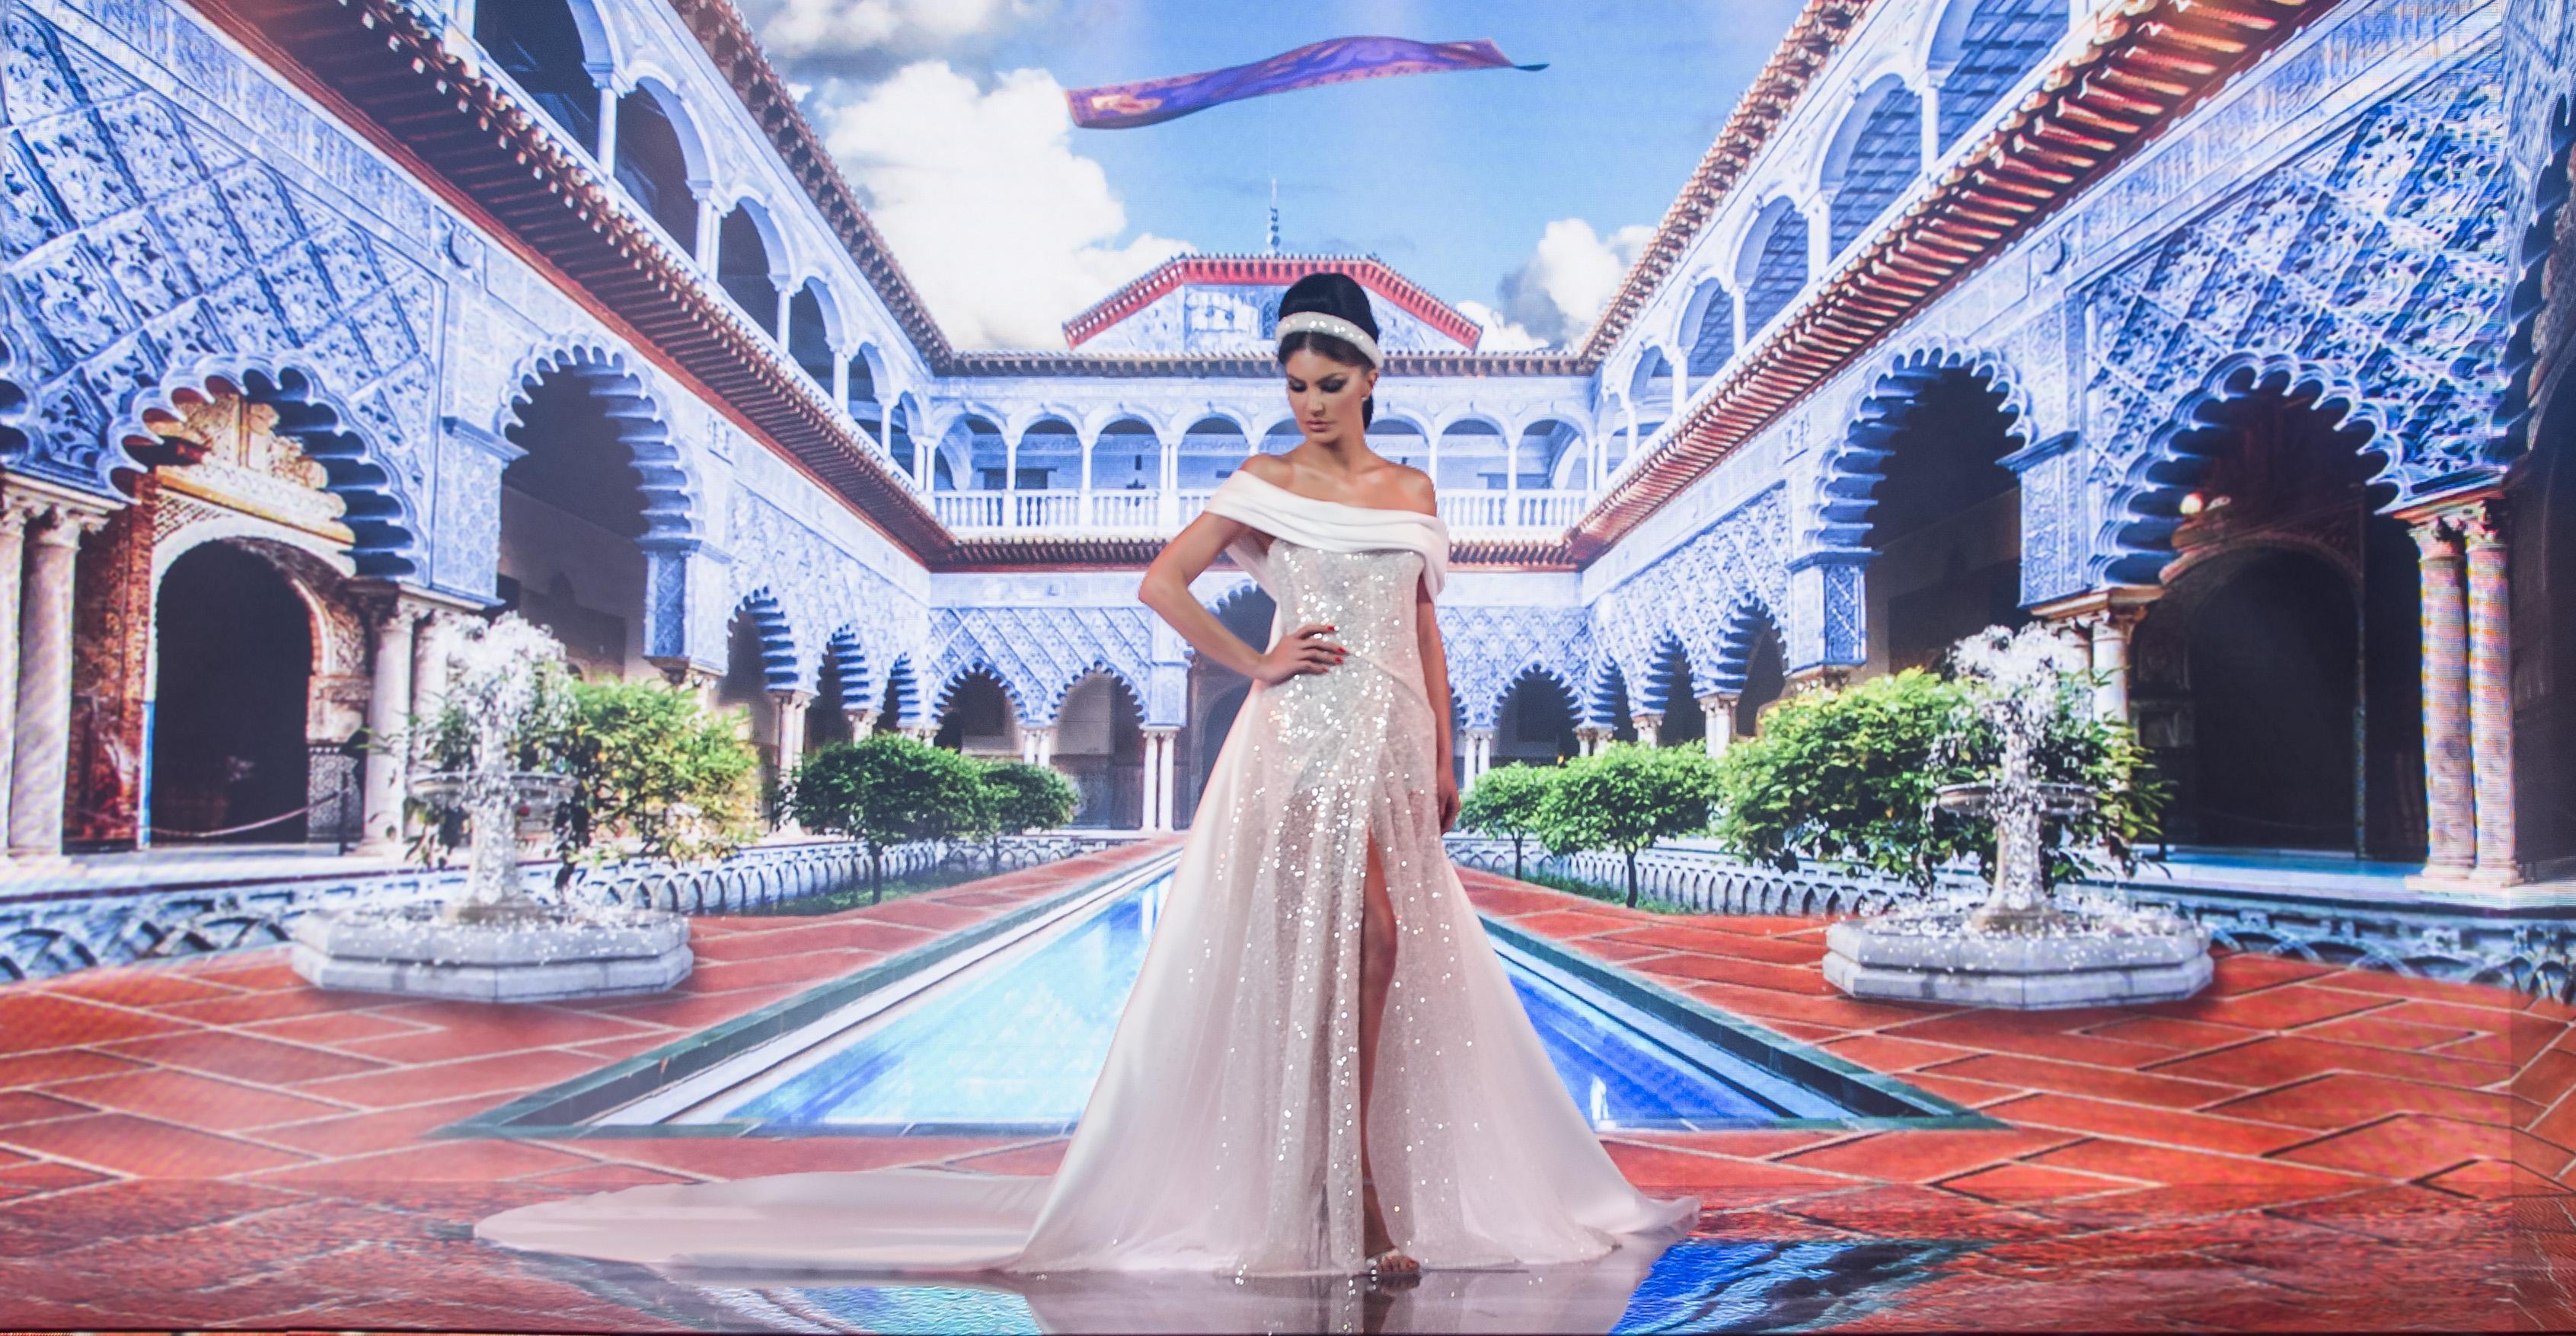 Juliana Martins com vestido inspirado na Jasmine. Ela está olhando para baixo com uma das mãos na cintura.